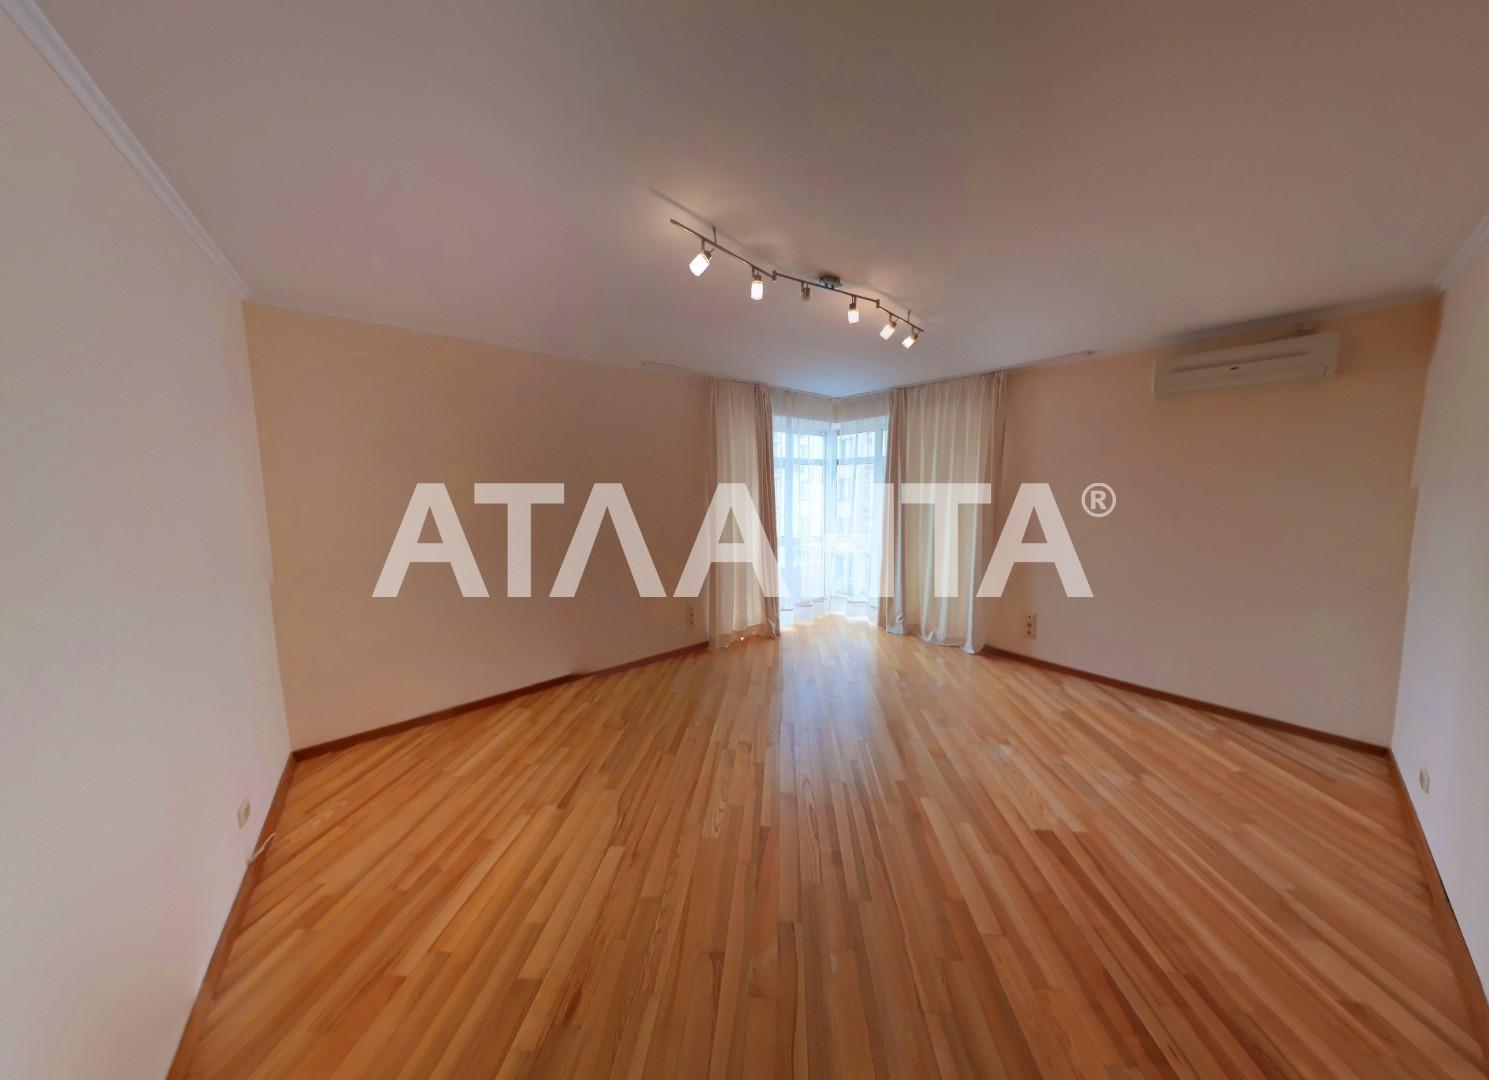 Продается 3-комнатная Квартира на ул. Конева — 118 000 у.е. (фото №11)